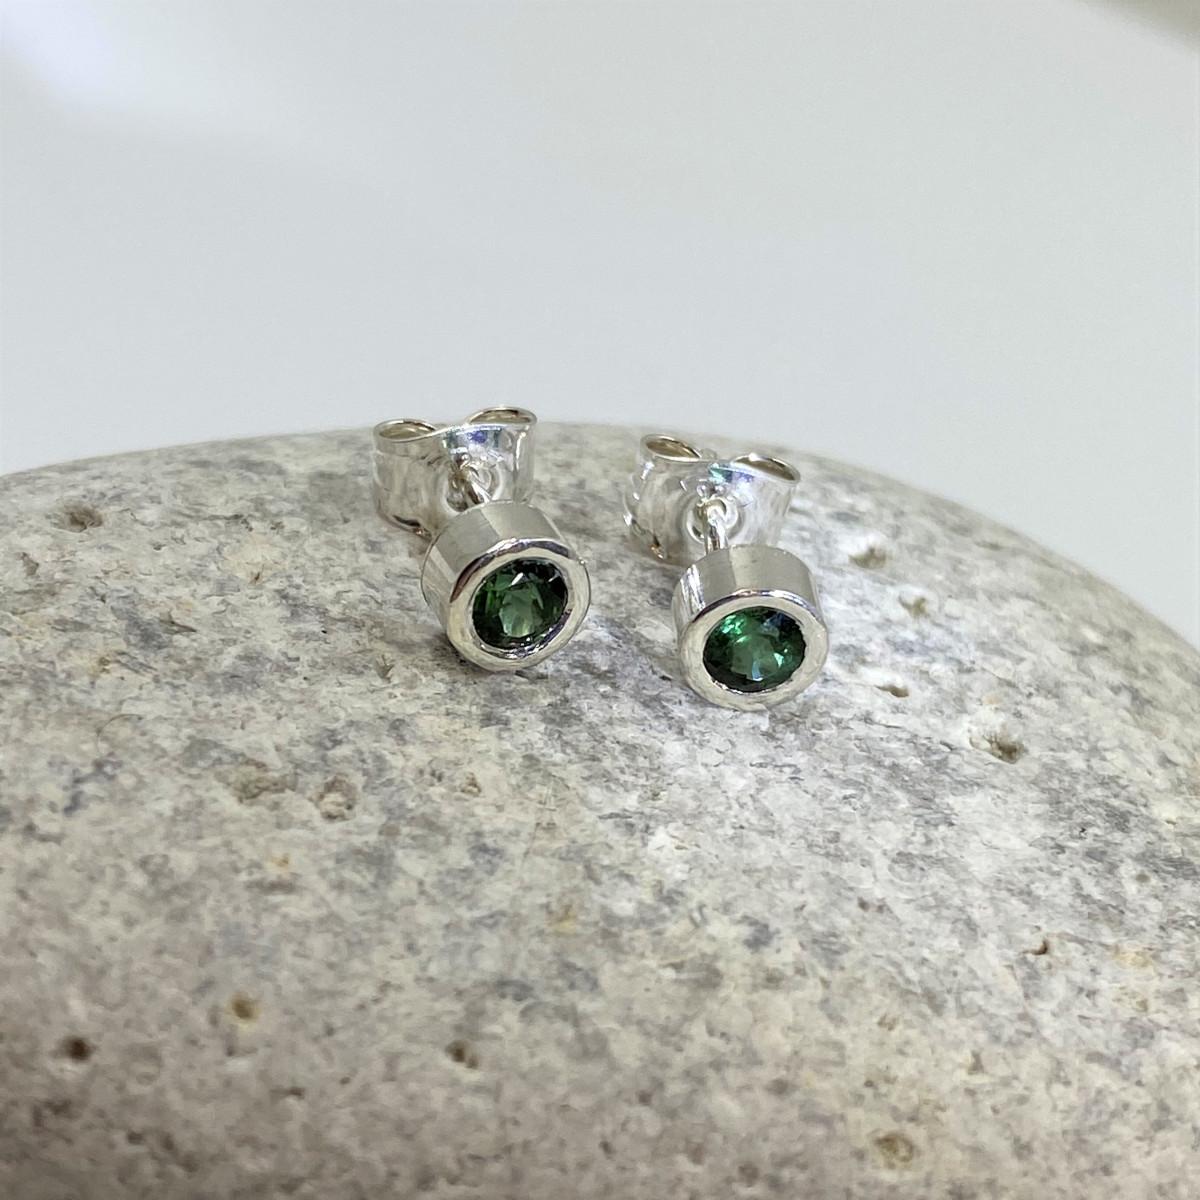 Silverörhängen, gröna turmaliner, örhängen